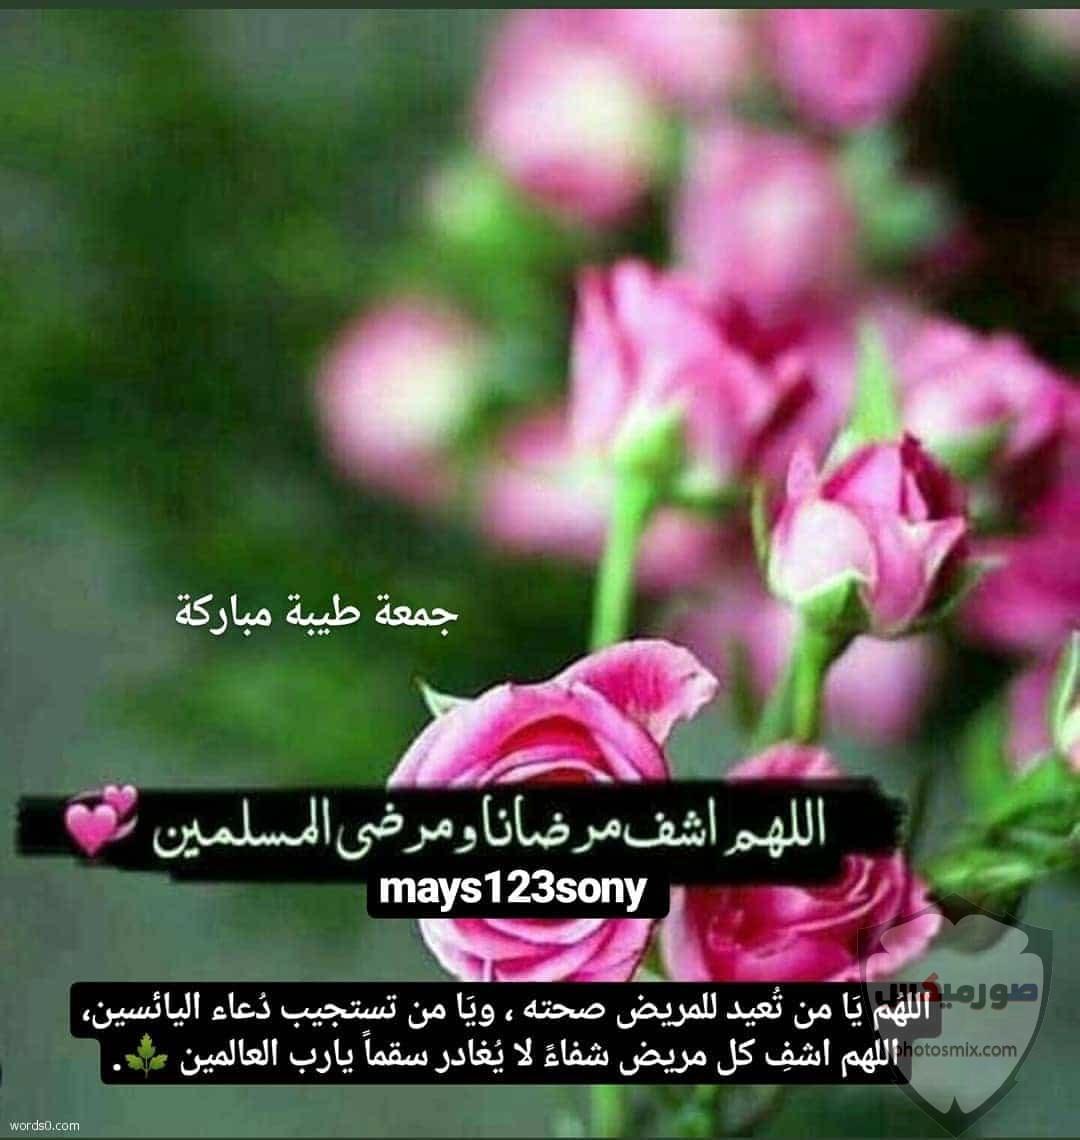 جمعة مباركة صور جمعة مباركه 2020 ادعية يوم الجمعه مصورة مكتوب عليها جمعة مباركة 73